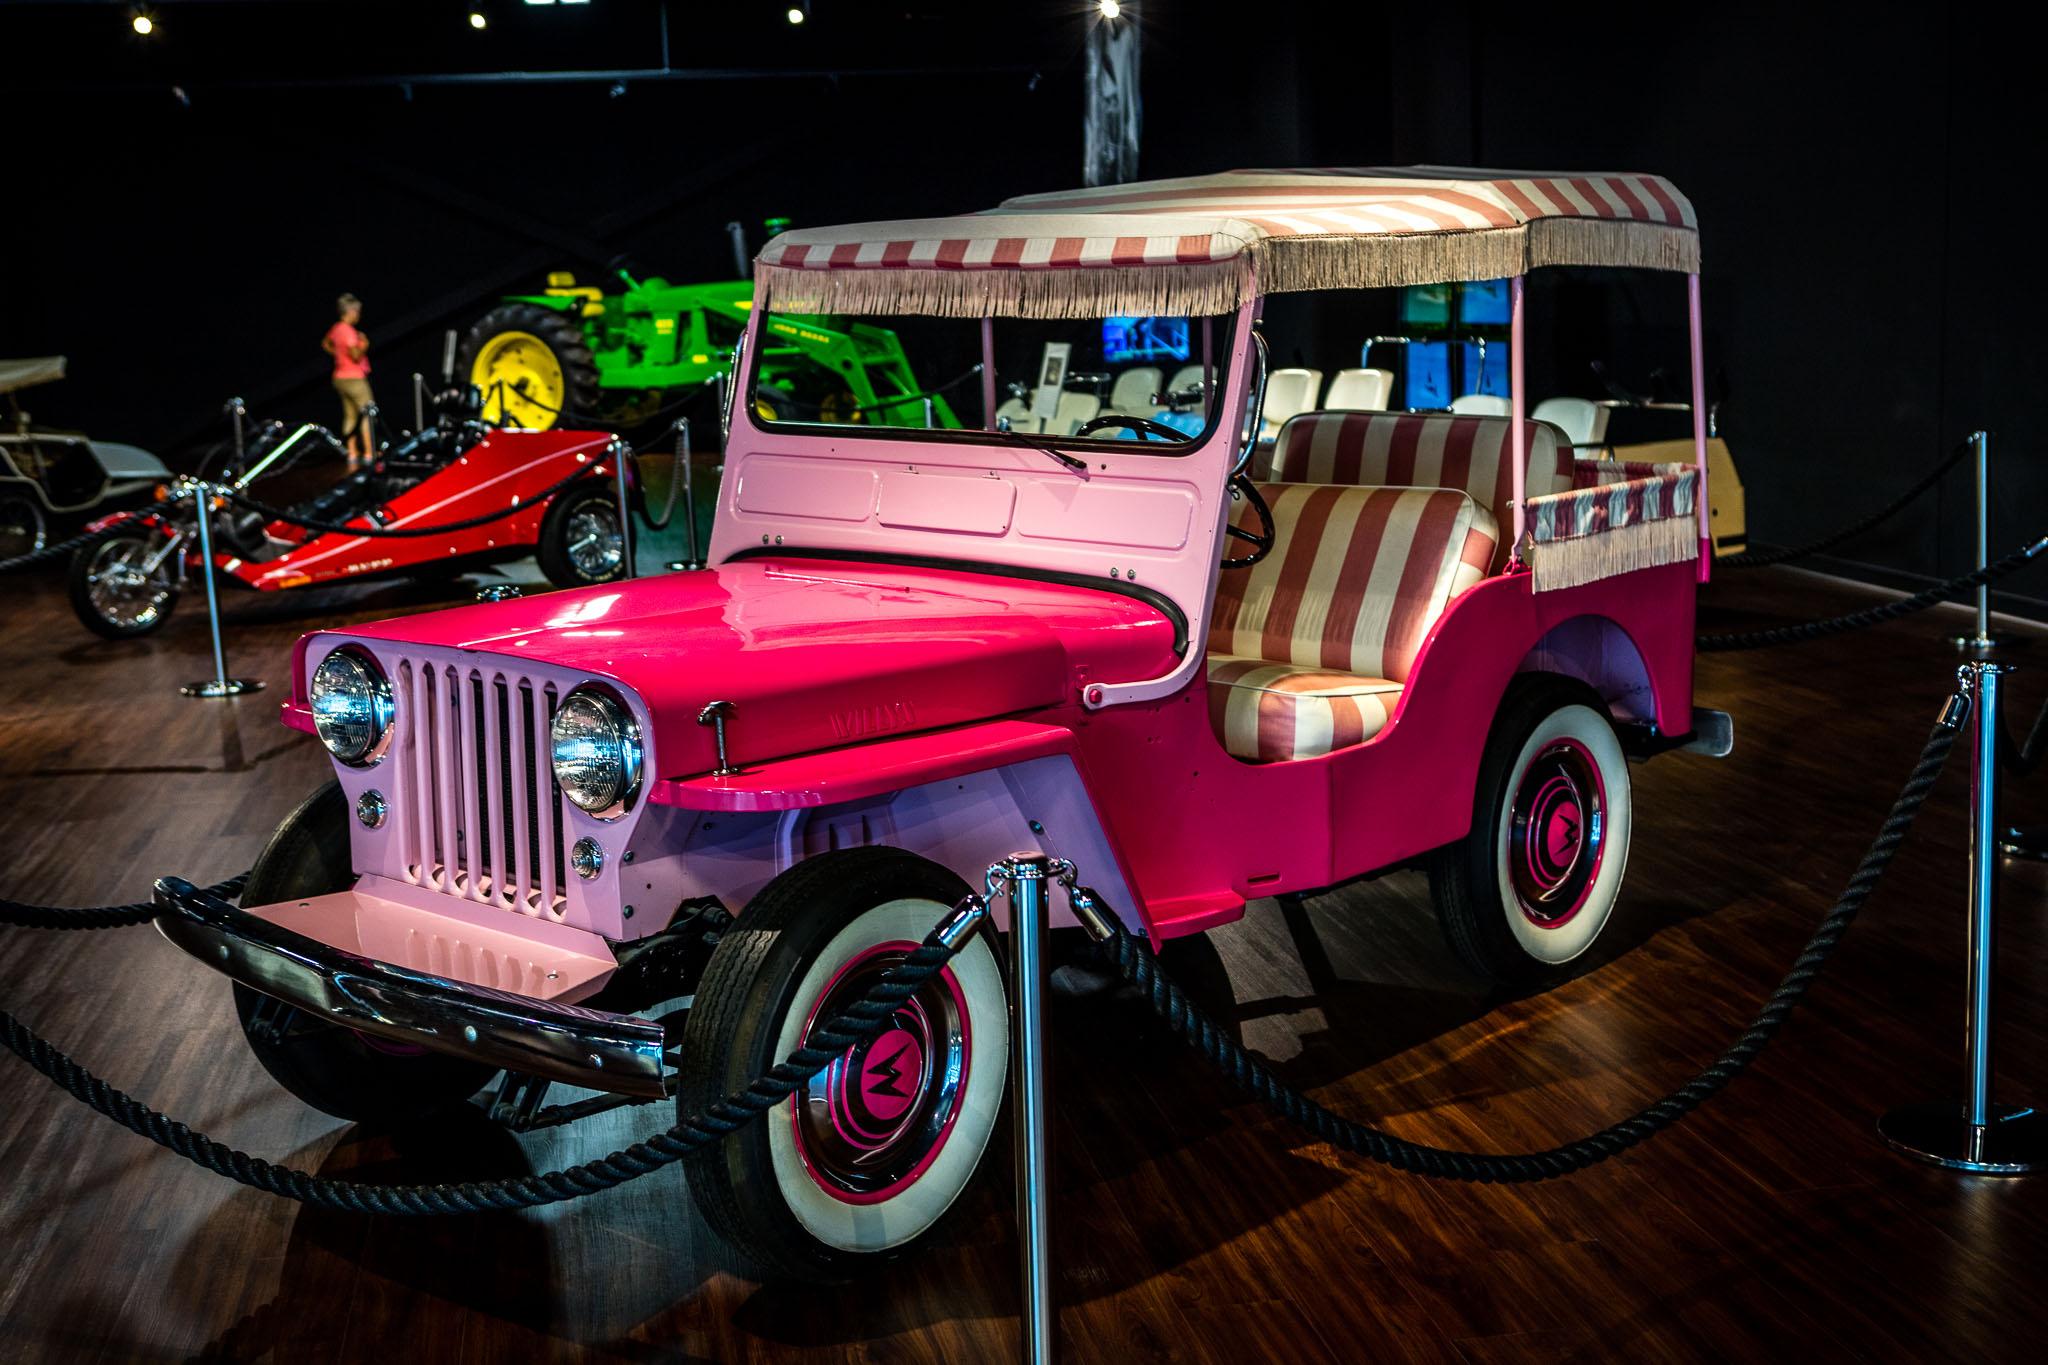 Elvis Presley's Pink Jeep